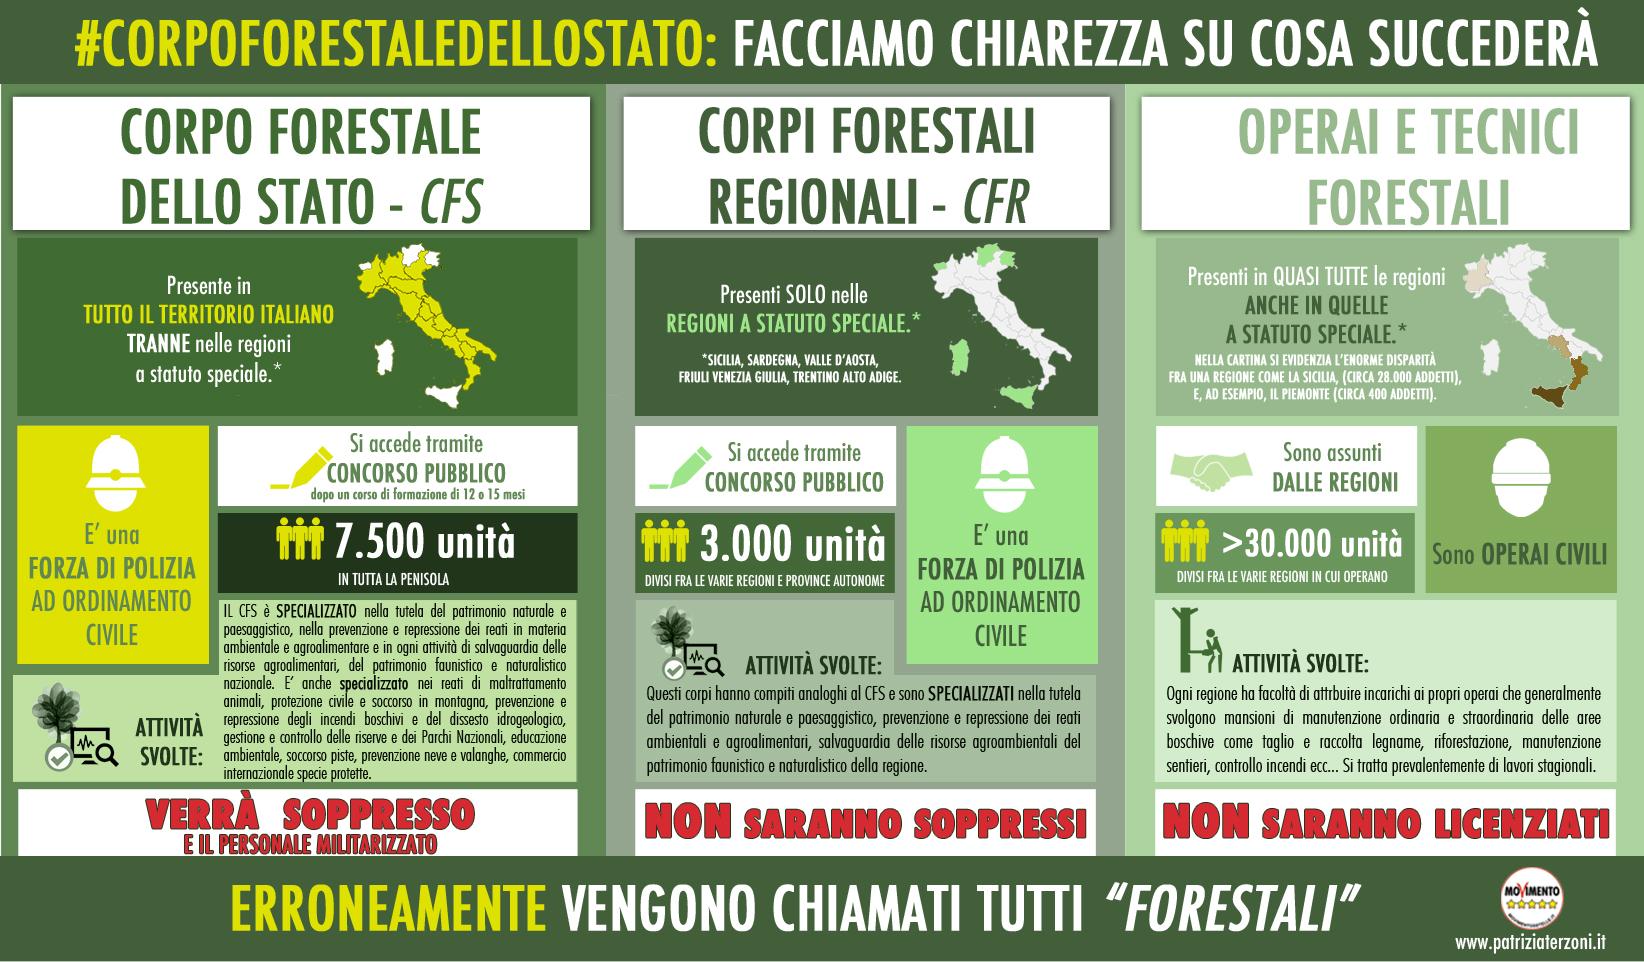 Corpo Forestale dello Stato: 3 anni di iniziative contro la sua abolizione.